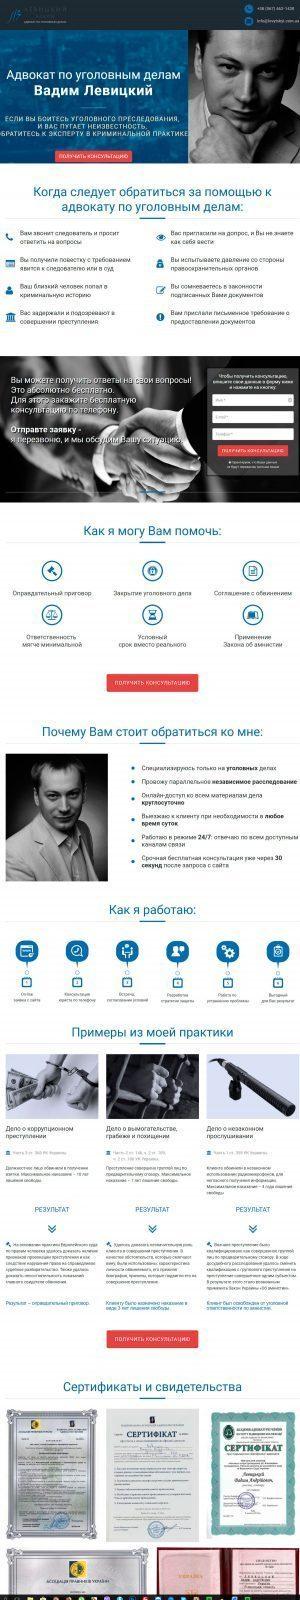 Создание сайта для адвоката. Vytvoření webové stránky pro právníka. Creating a website for a lawyer